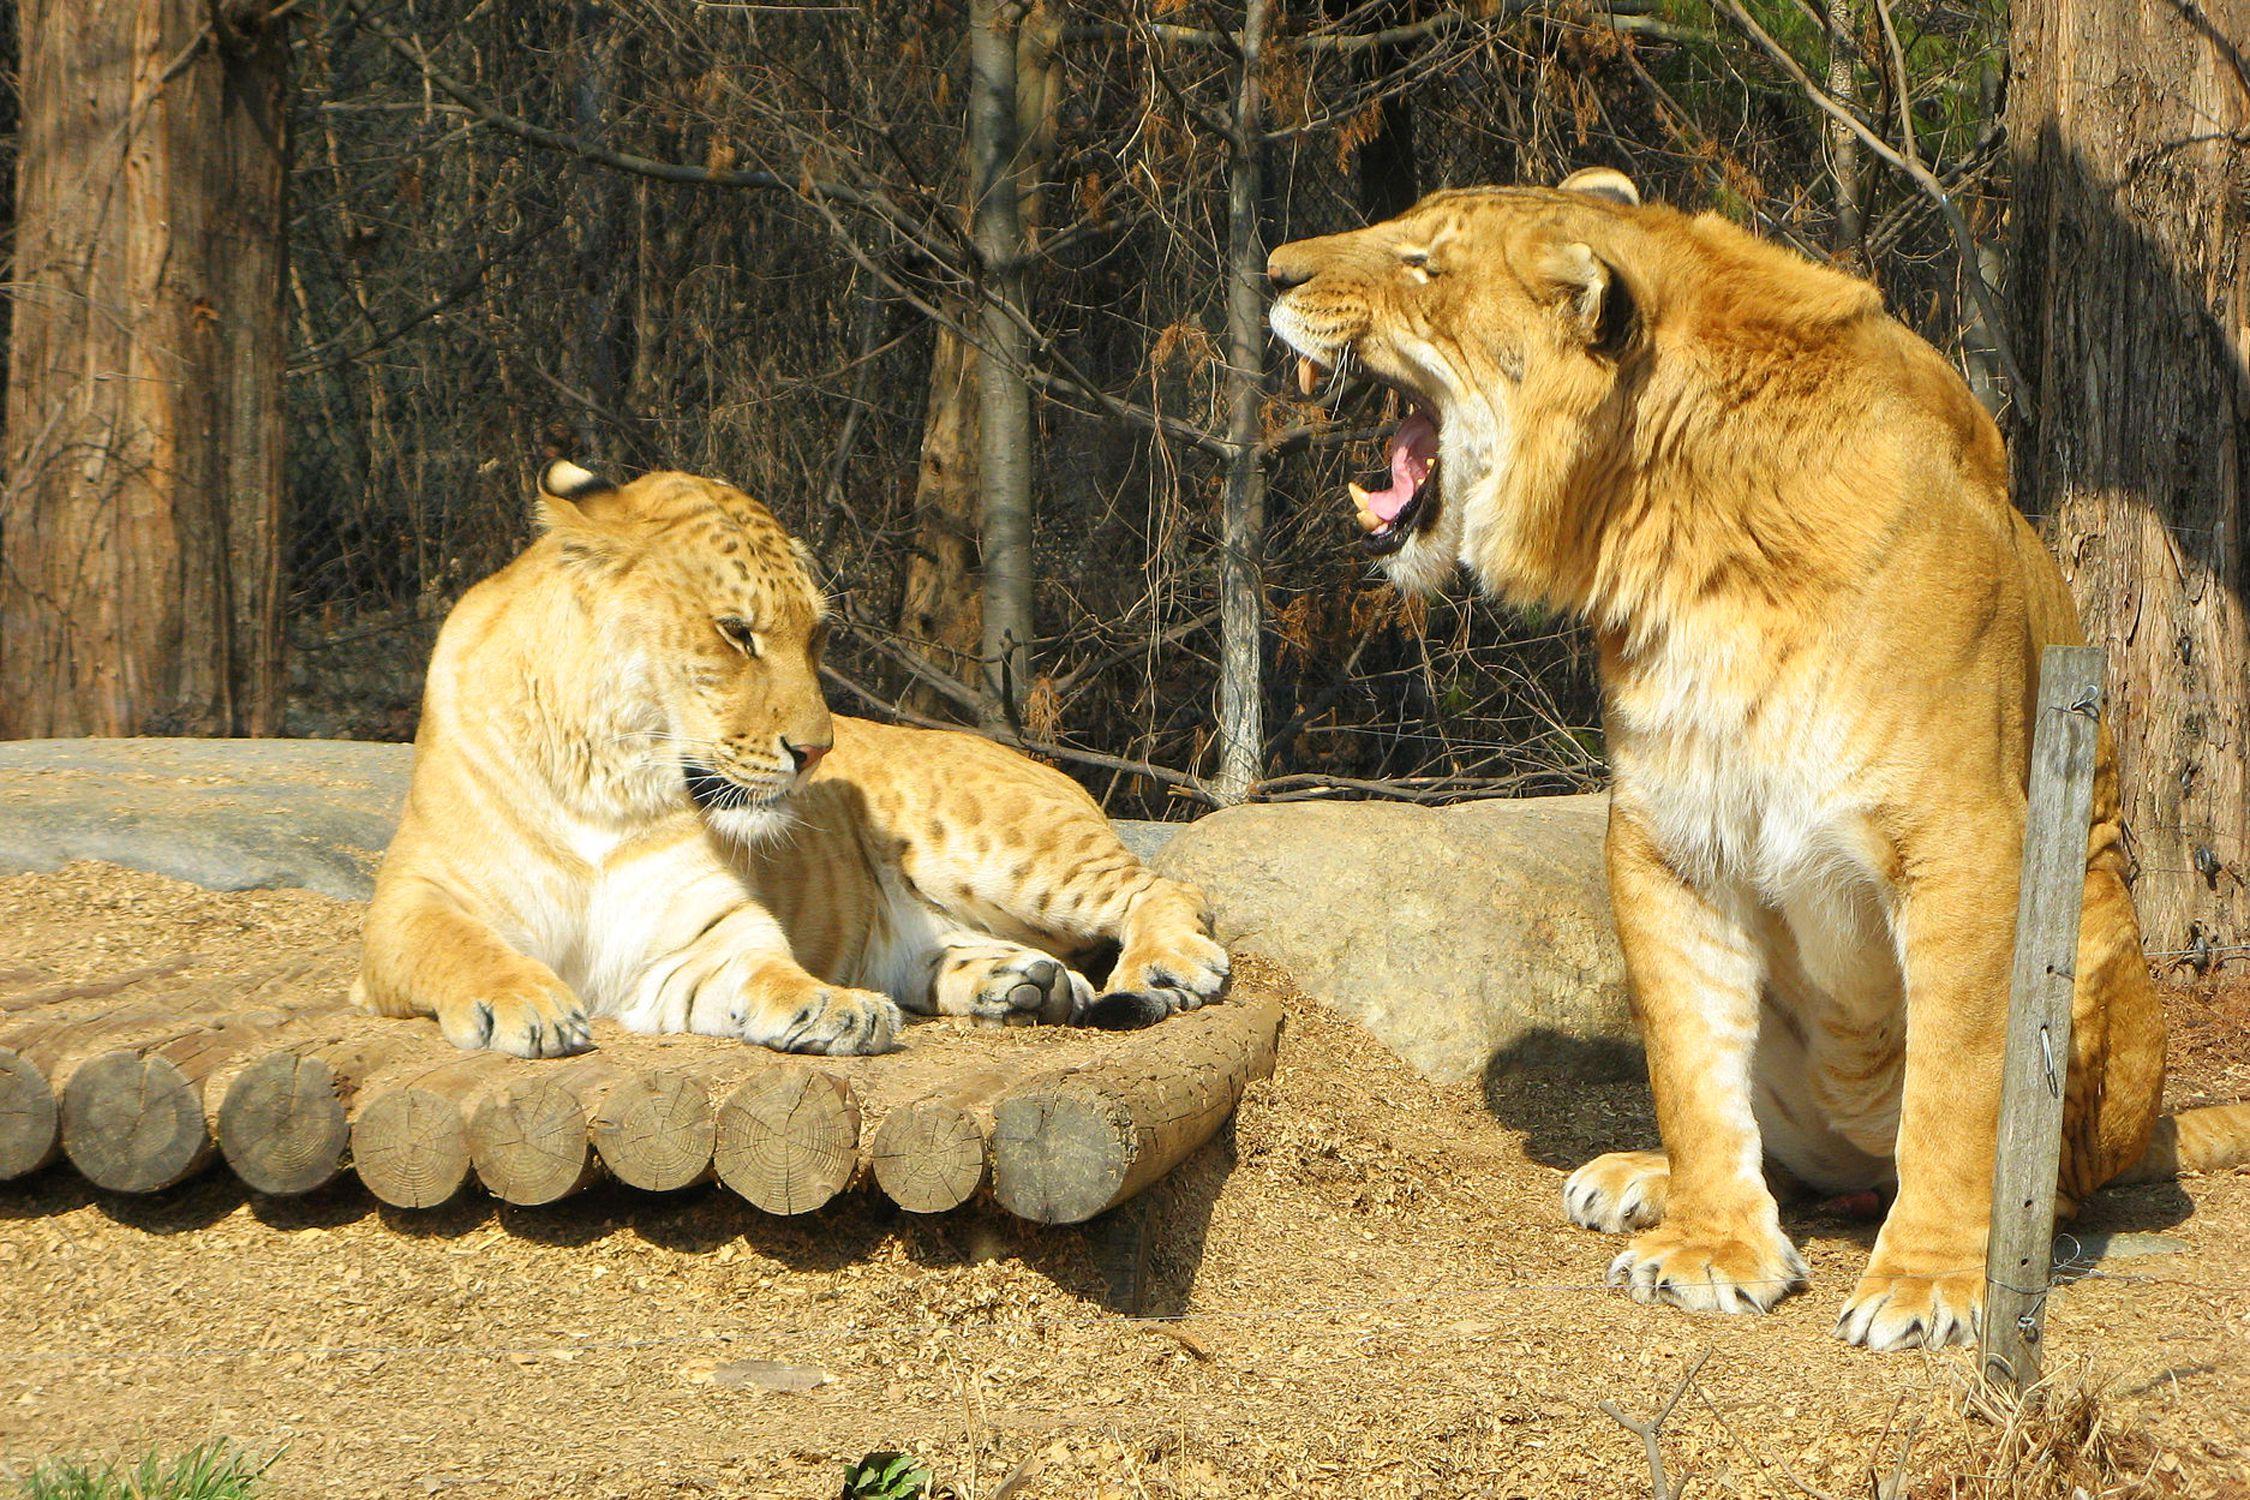 Hier sind zwei Ligatoren dargestellt, männlich und weiblich.  Ligers sind die Nachkommen einer Kreuzung zwischen einem weiblichen Tiger und einem männlichen Löwen.  Die Fähigkeit großer Katzenarten, auf diese Weise hybride Nachkommen zu produzieren, verwischt die Definition einer Art.